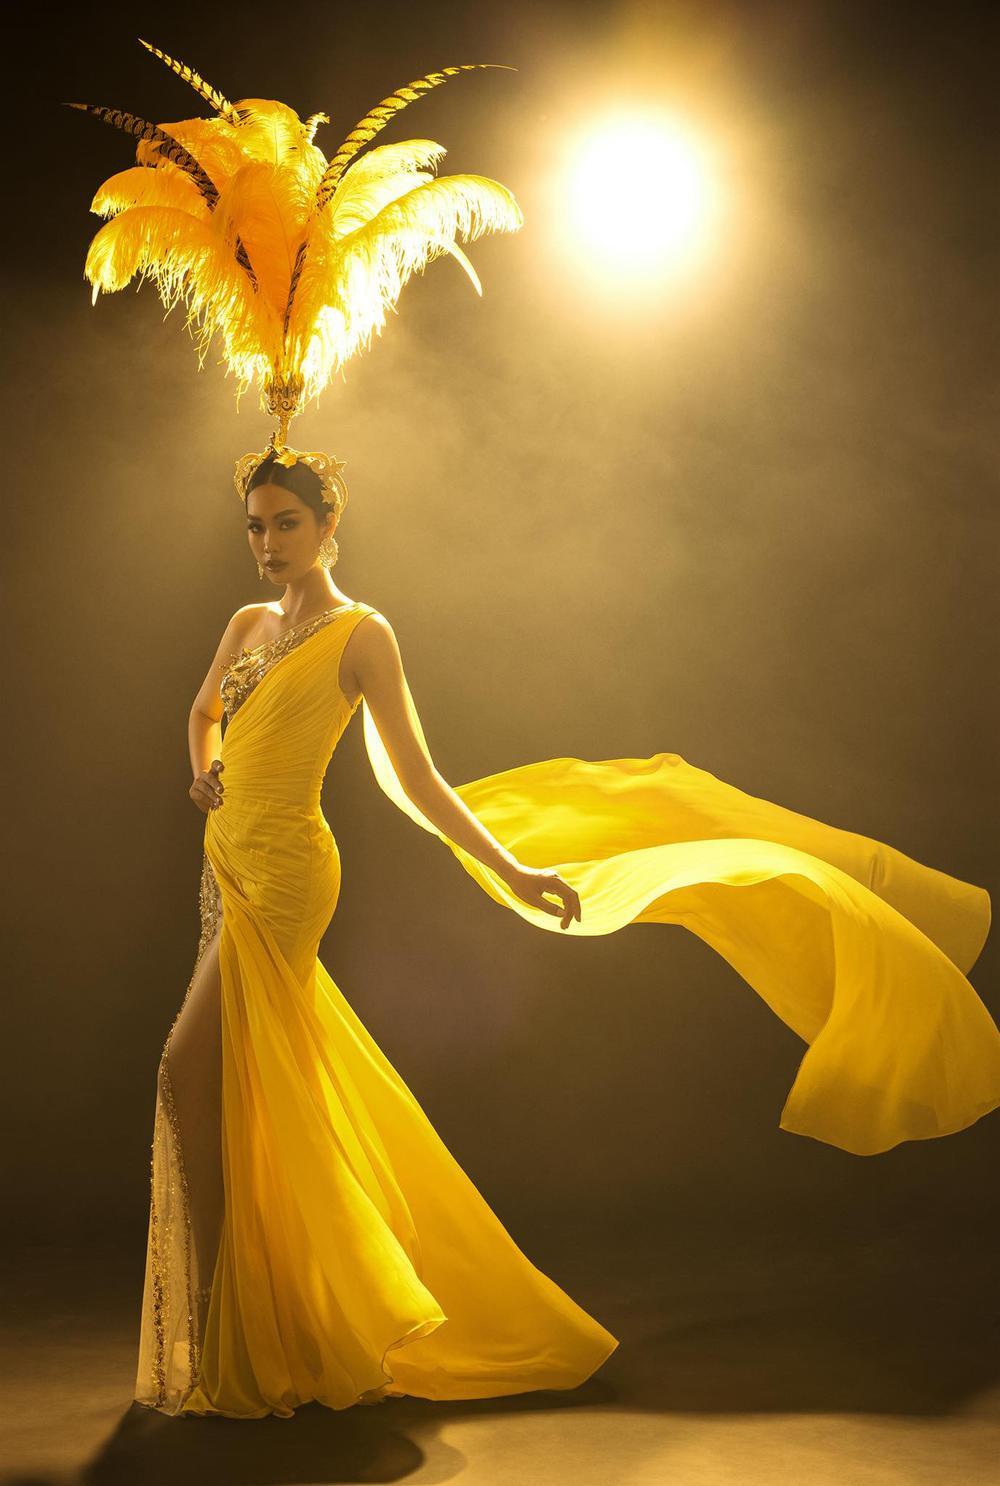 Váy dạ hội tua rua tôn thờ vẻ đẹp kiêu sa lộng lẫy cho nữ hoàng đêm tiệc Ảnh 14